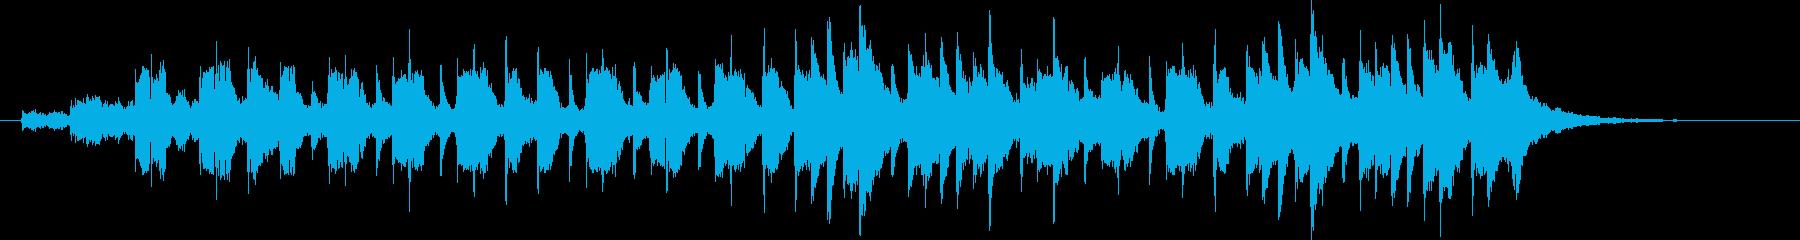 神秘的でゆったりとしたピアノジングルの再生済みの波形